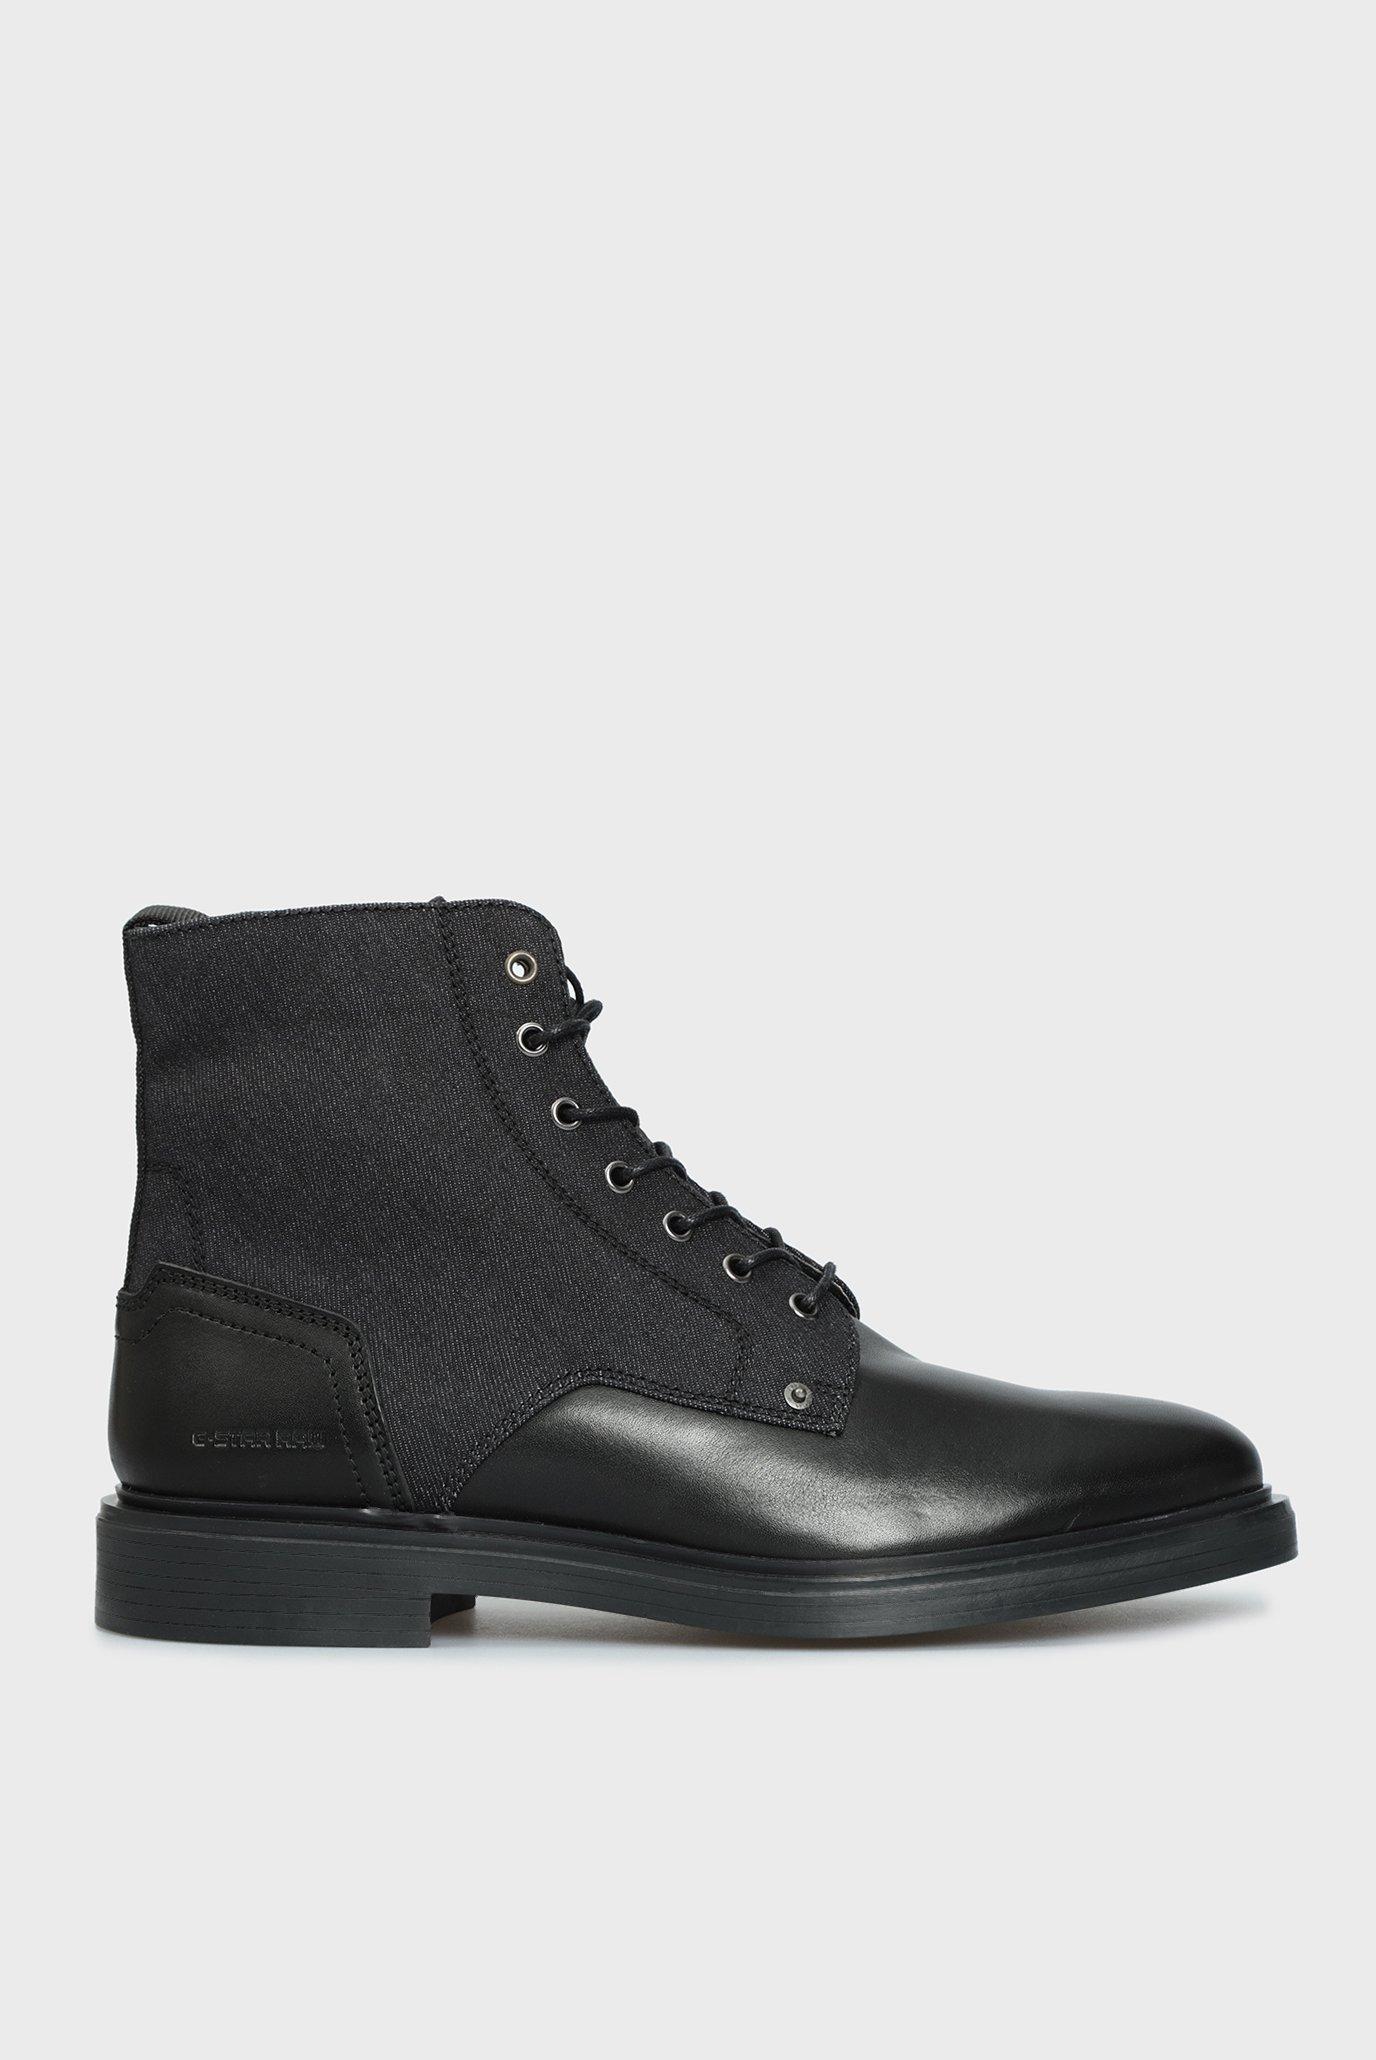 Чоловічі черевики Vacum 1